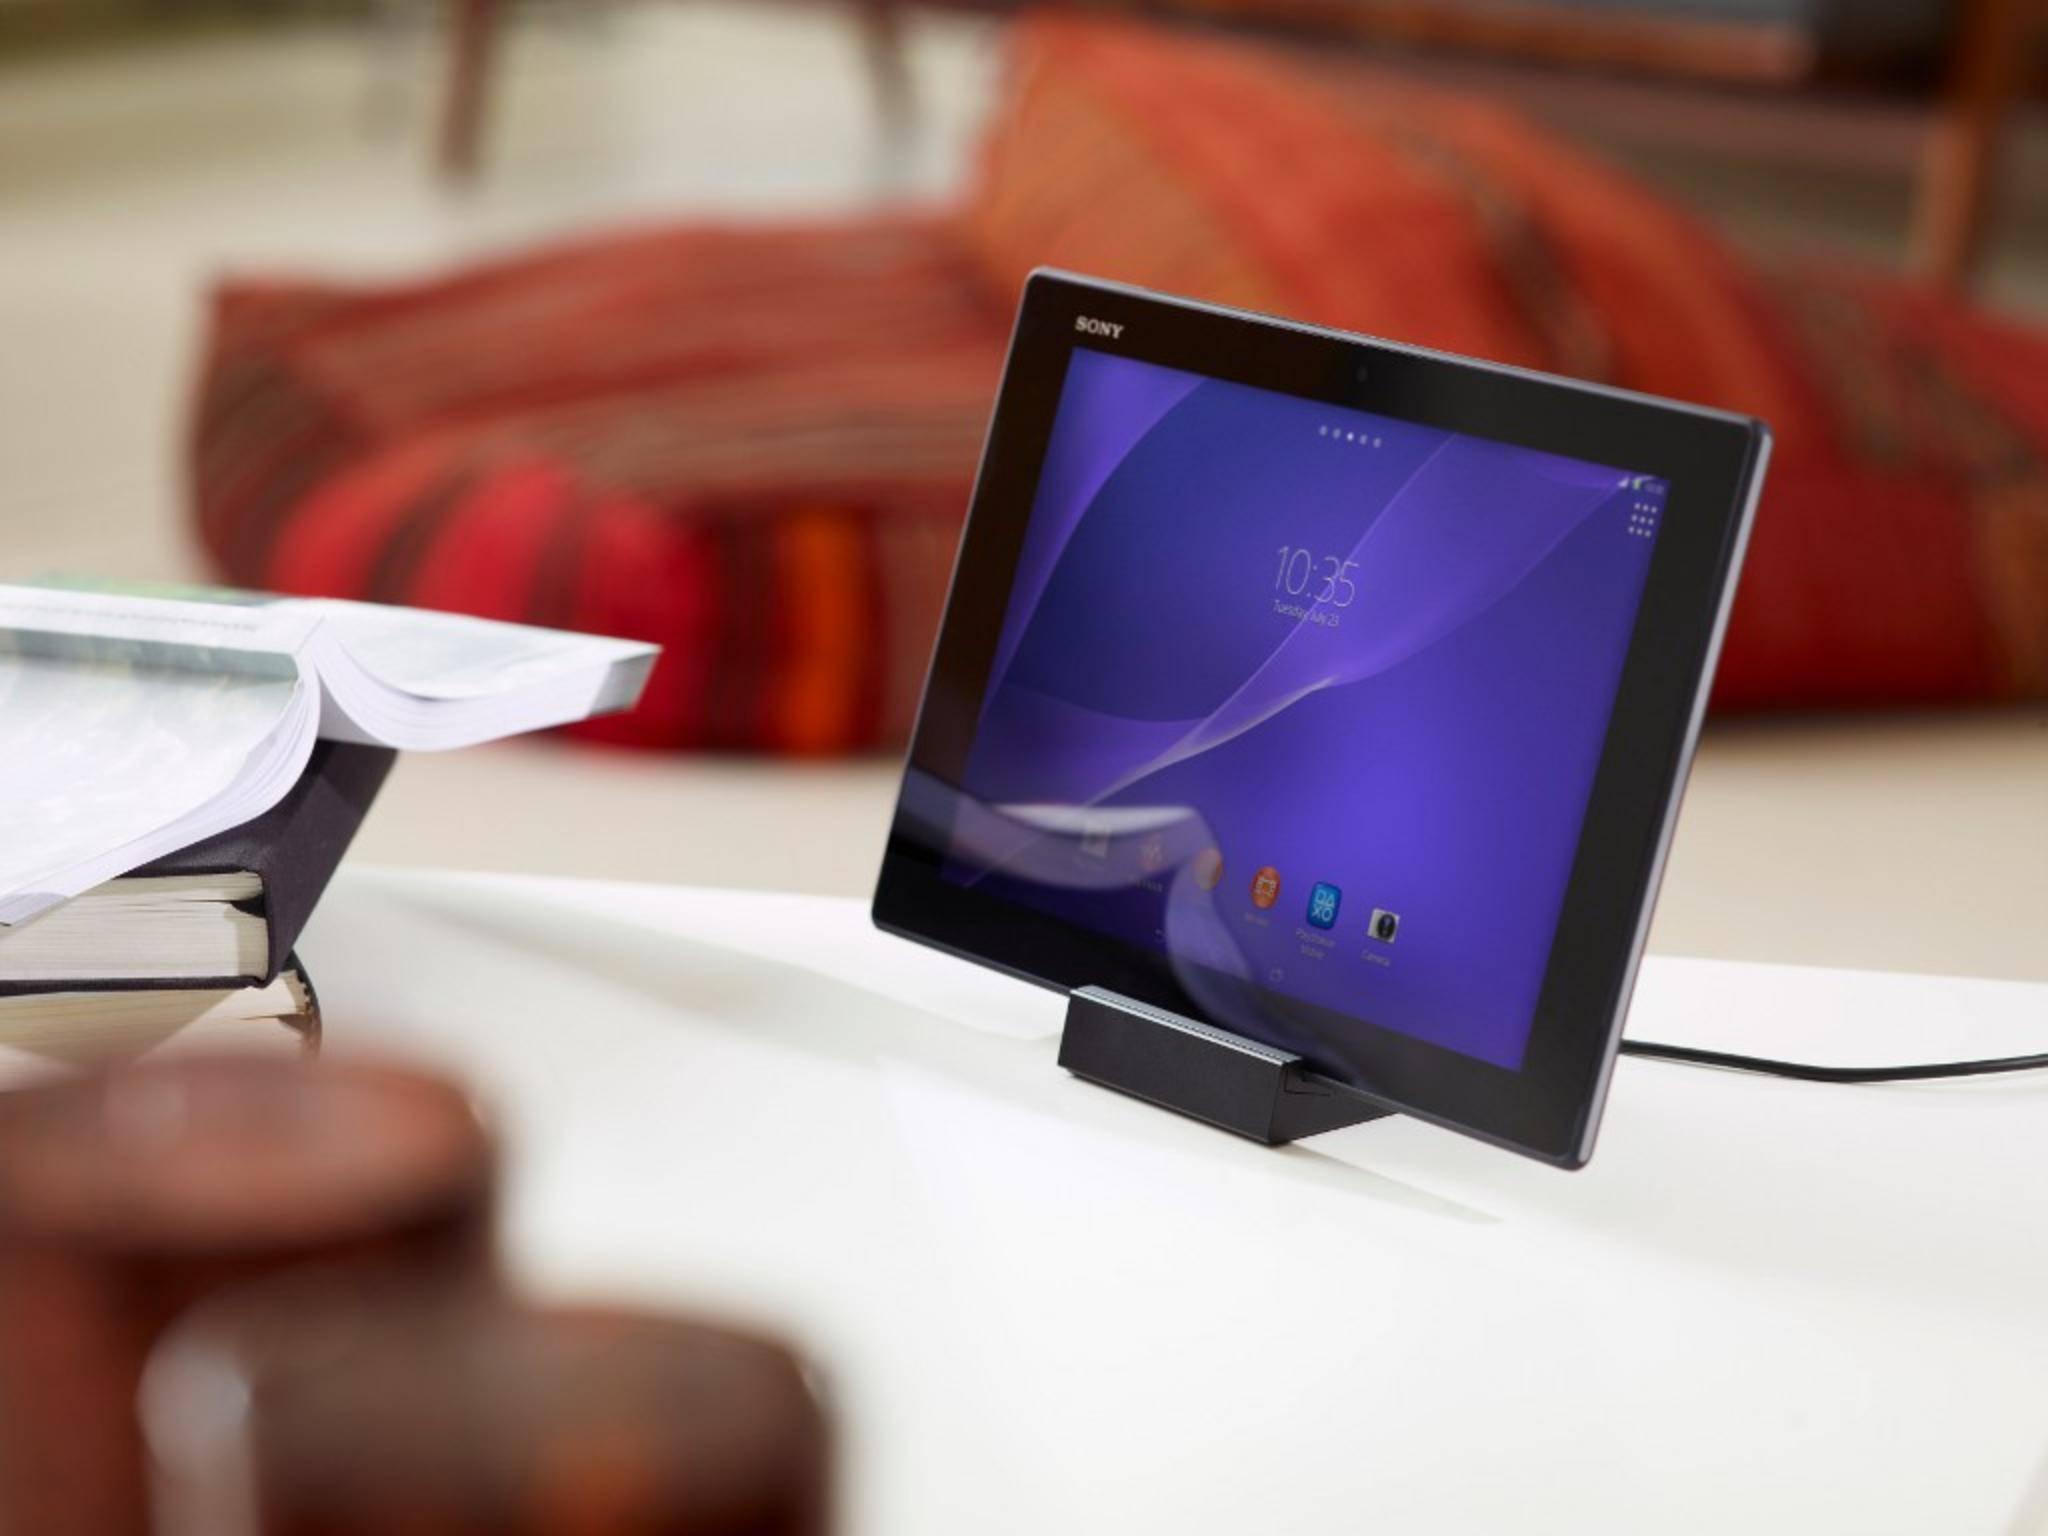 Tablet-Halter gibt es viele (hier einer von Sony samt Tablet). Die acht Kandidaten in dieser Liste sind handgemacht und unverwechselbar!